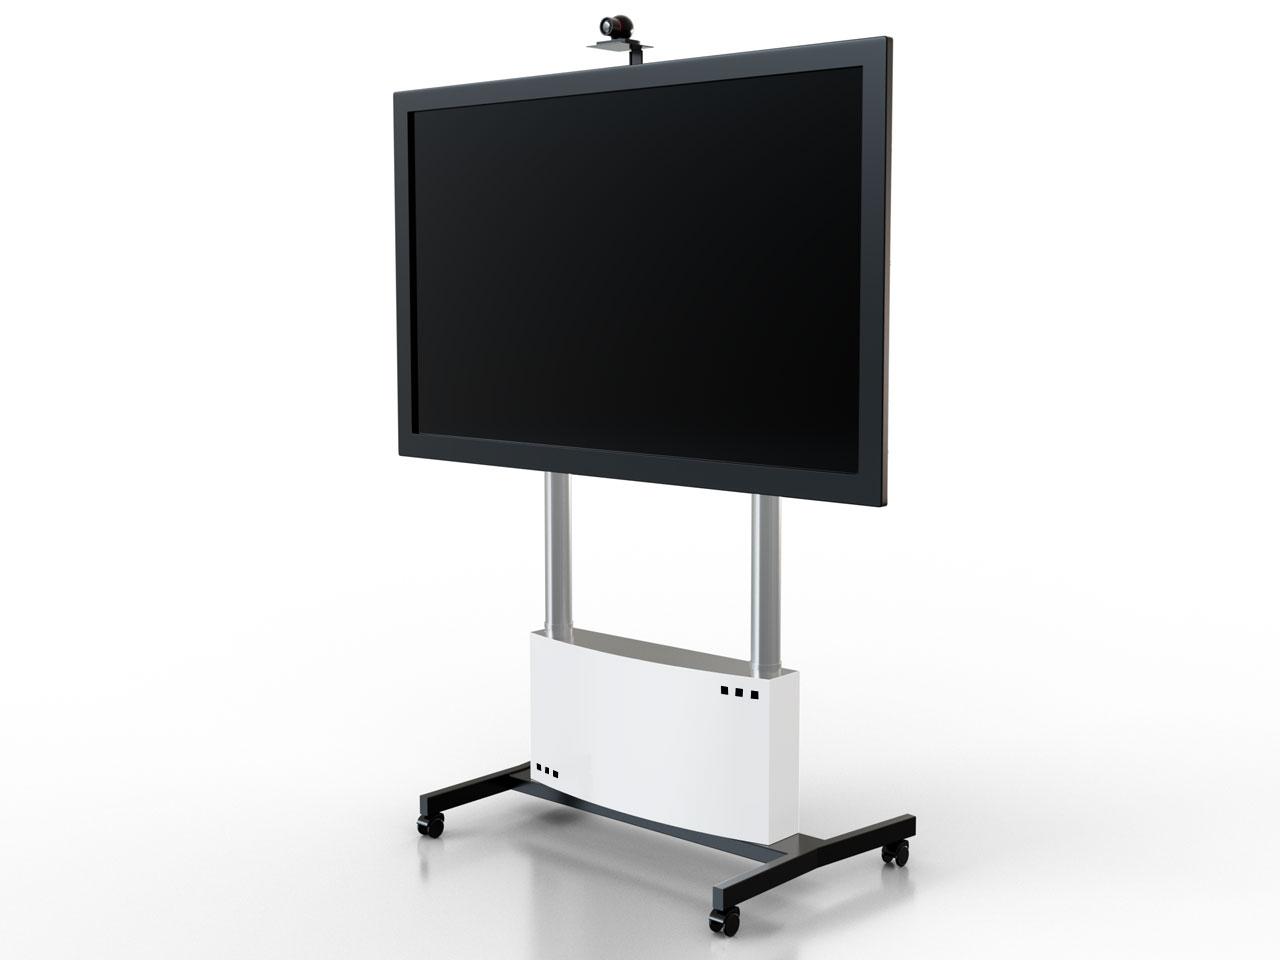 Mobiler Tv Stander Mit Rollen Und Unterschrank Cmb Stand Videon